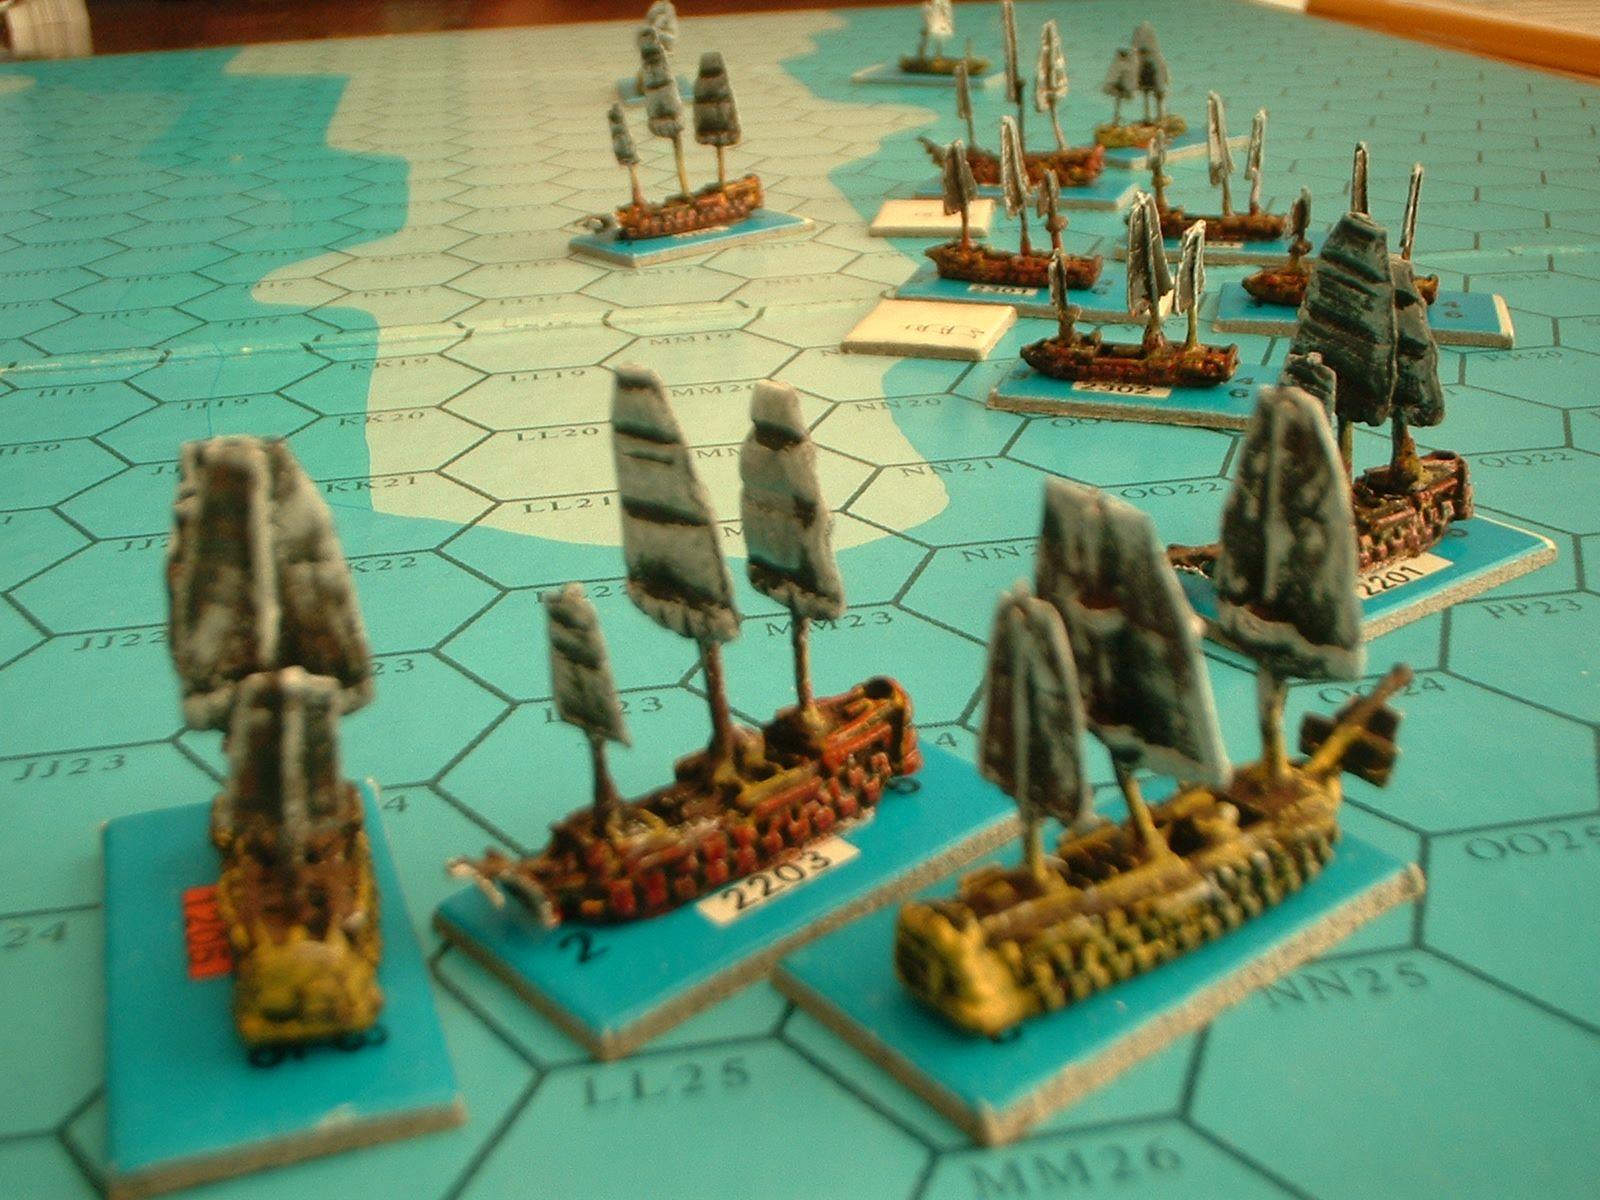 Wooden Ships Iron Men Image Boardgamegeek Using Navwar 13000